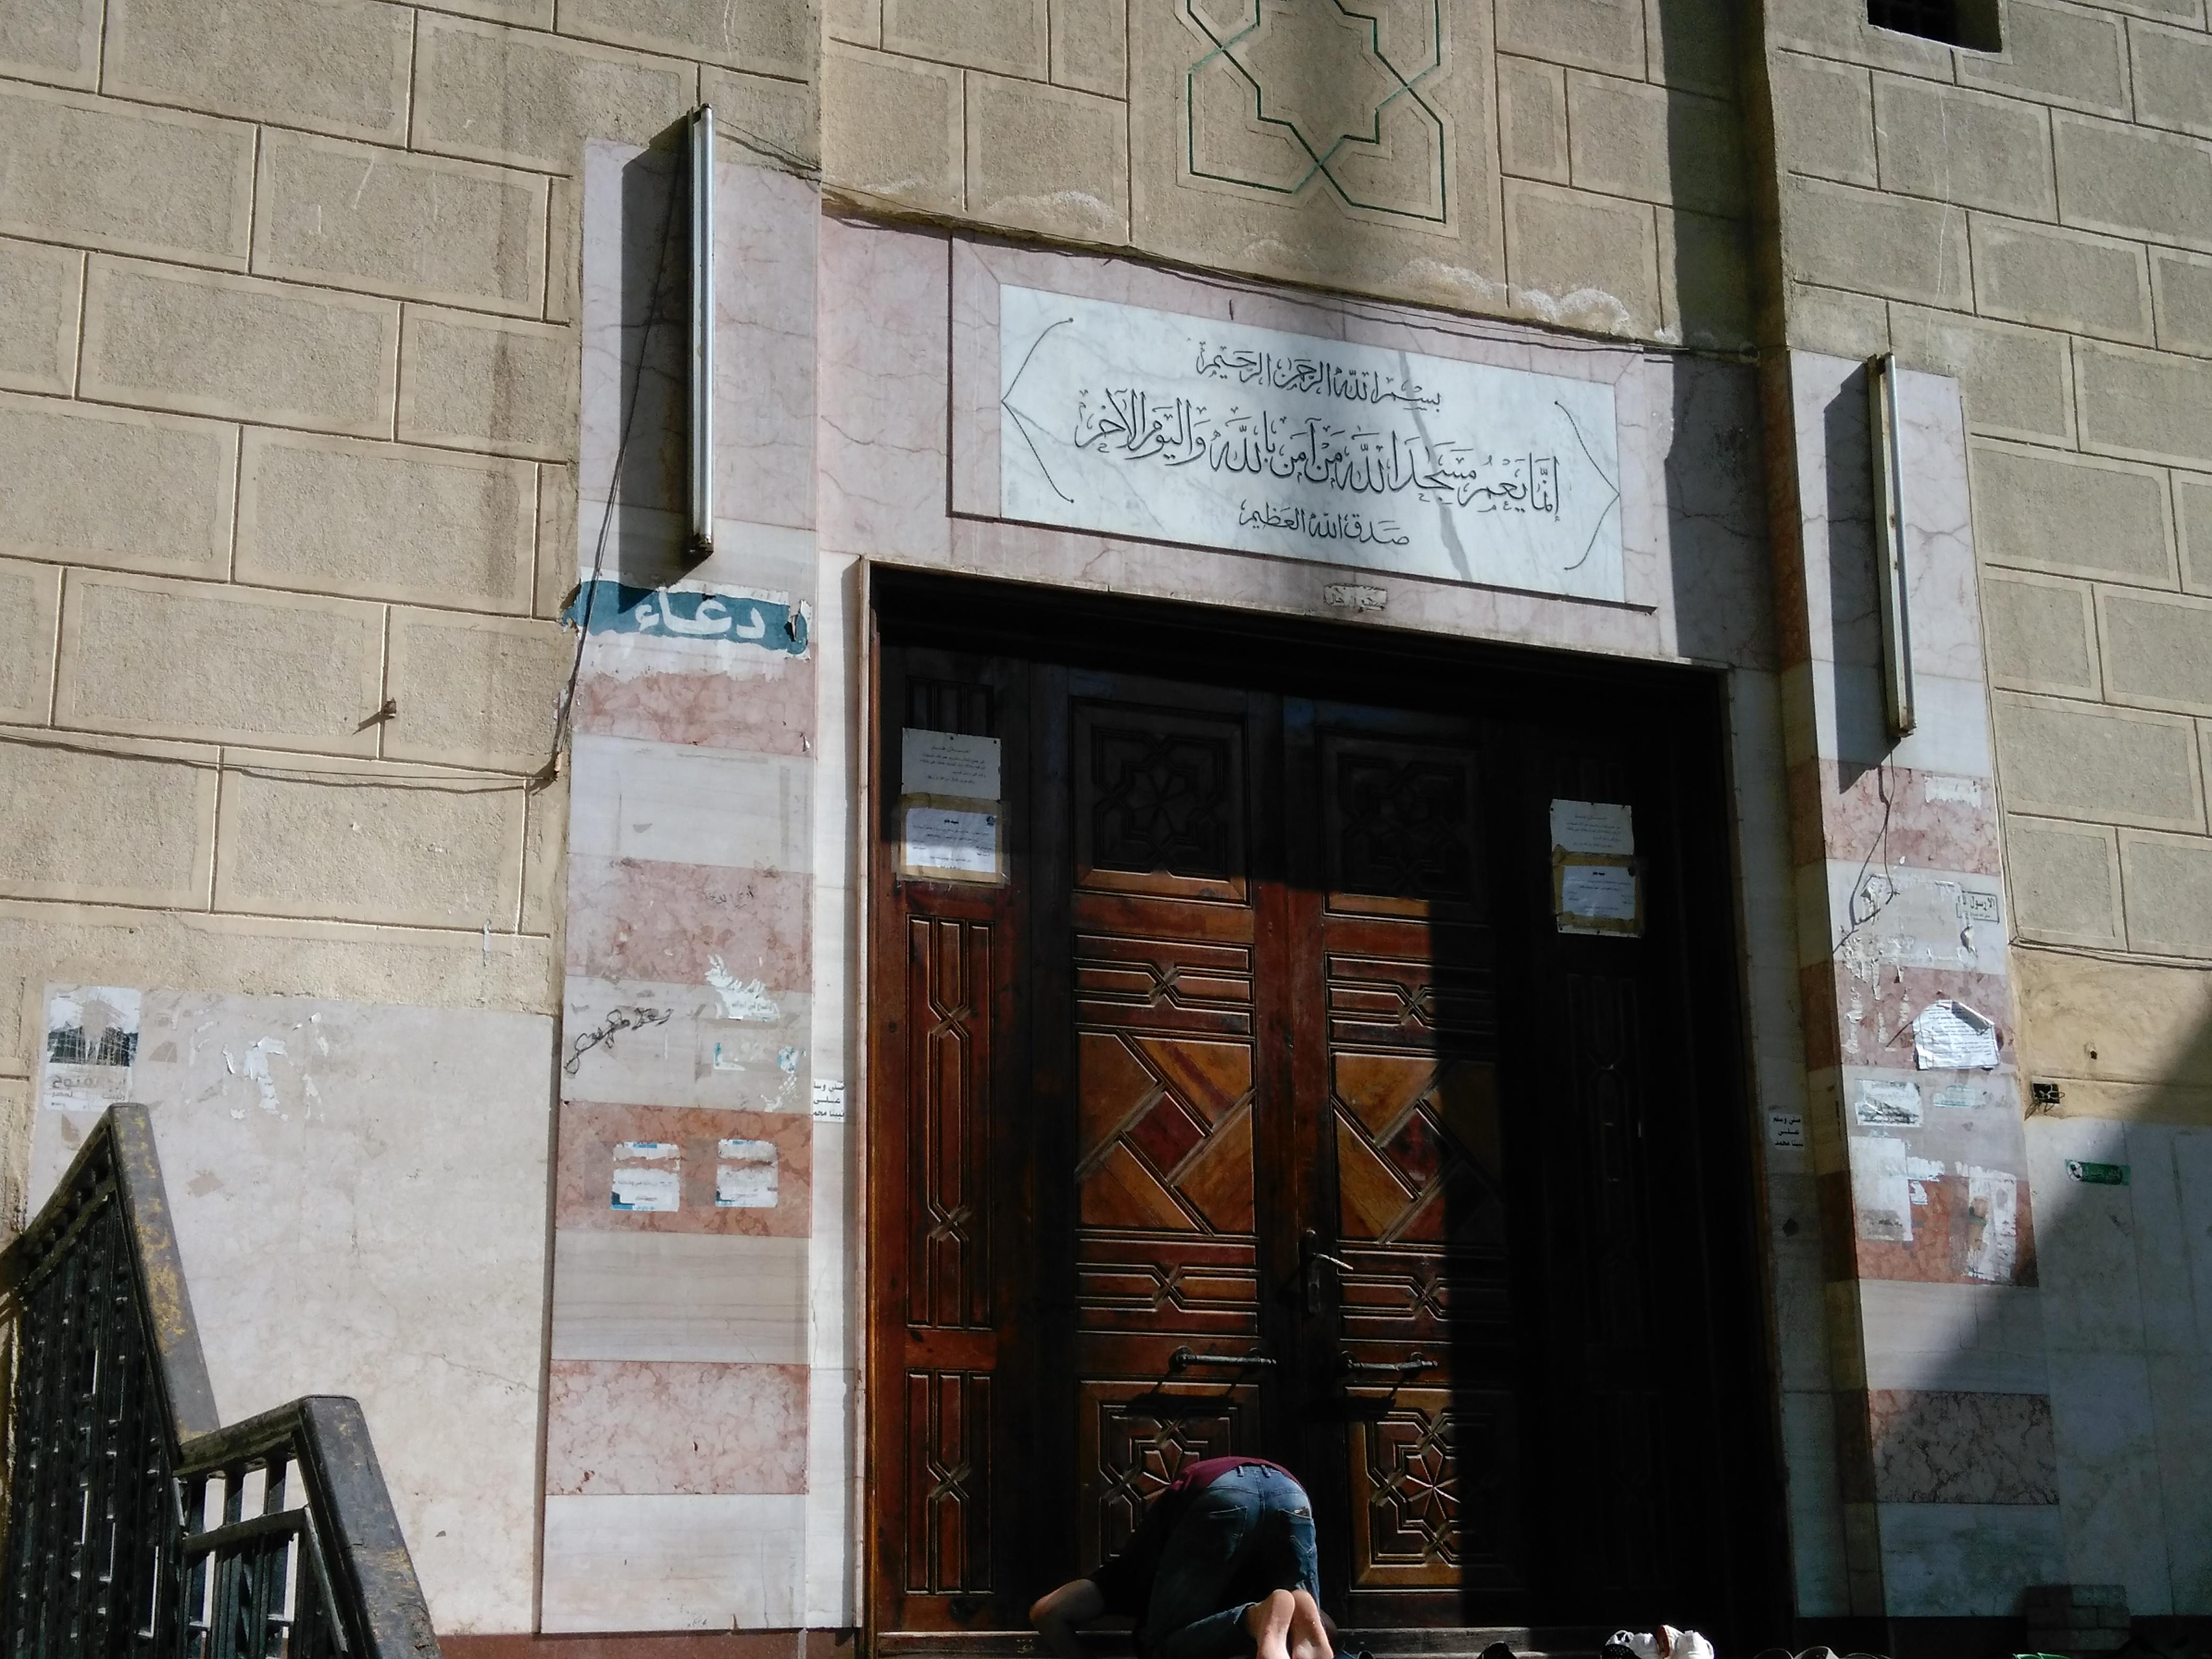 احد المساجد بجامعة عين شمس مغلق بعد صلاة العصر